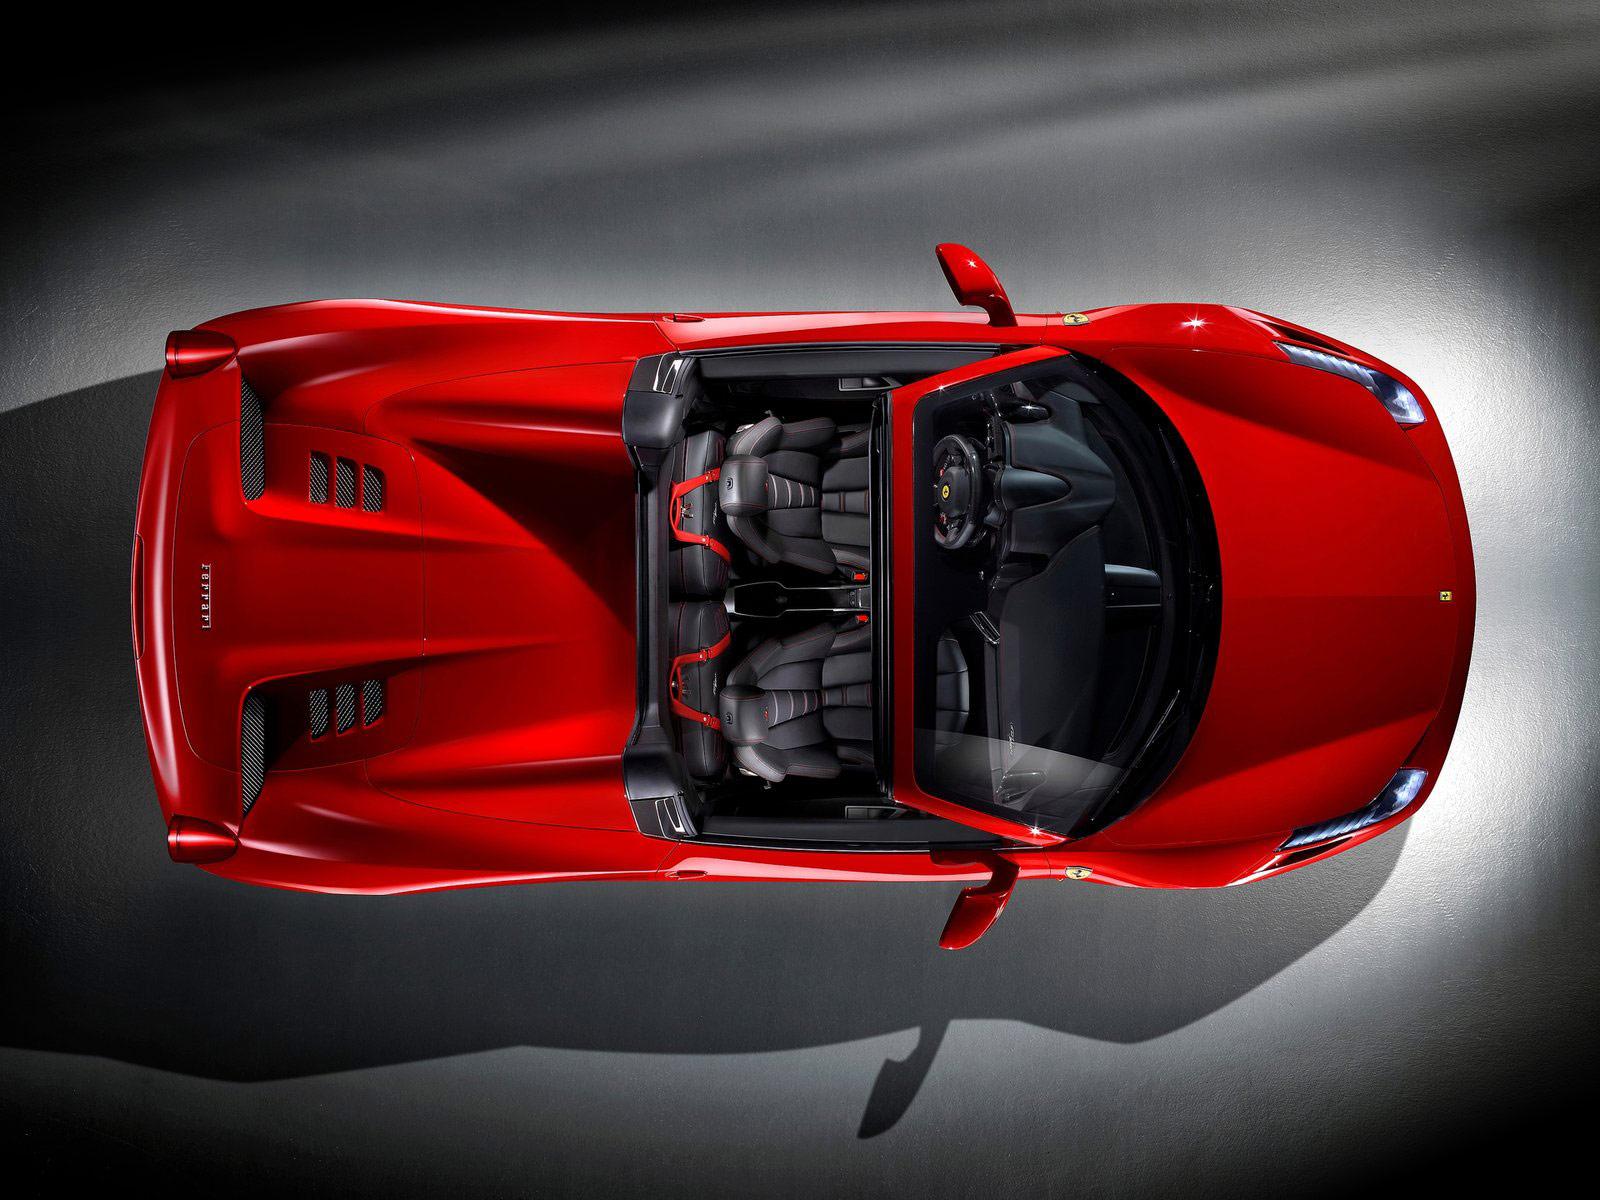 http://3.bp.blogspot.com/-DD0lqEx3CvI/TniExUawIQI/AAAAAAAABNM/zxCHFsLSt00/s1600/Ferrari-458_Spider_2013_car-desktop-wallpaper_4.jpg